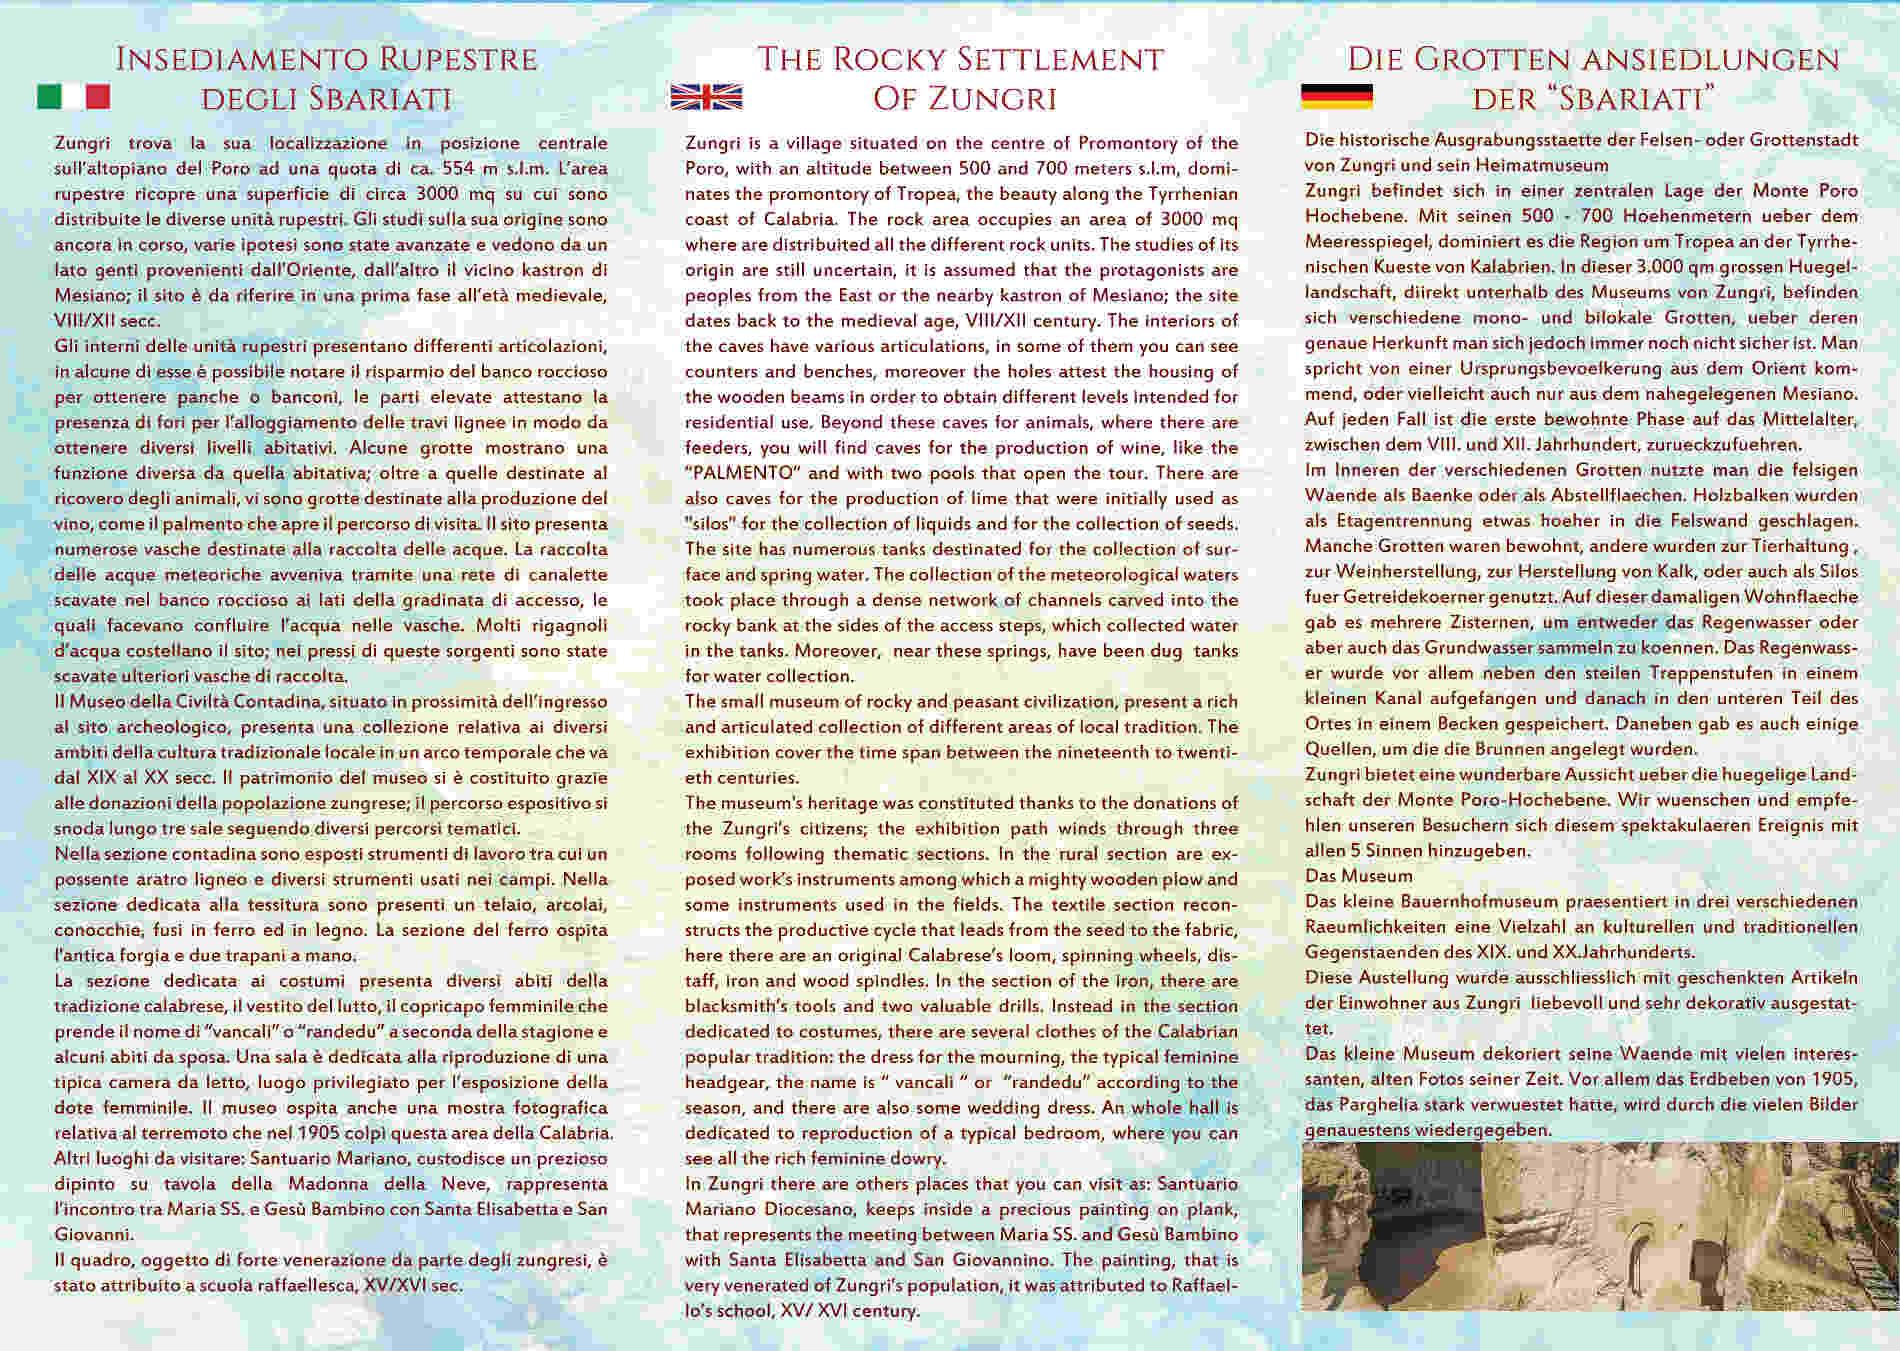 Esterno della Brochure di Presentazione del Sito